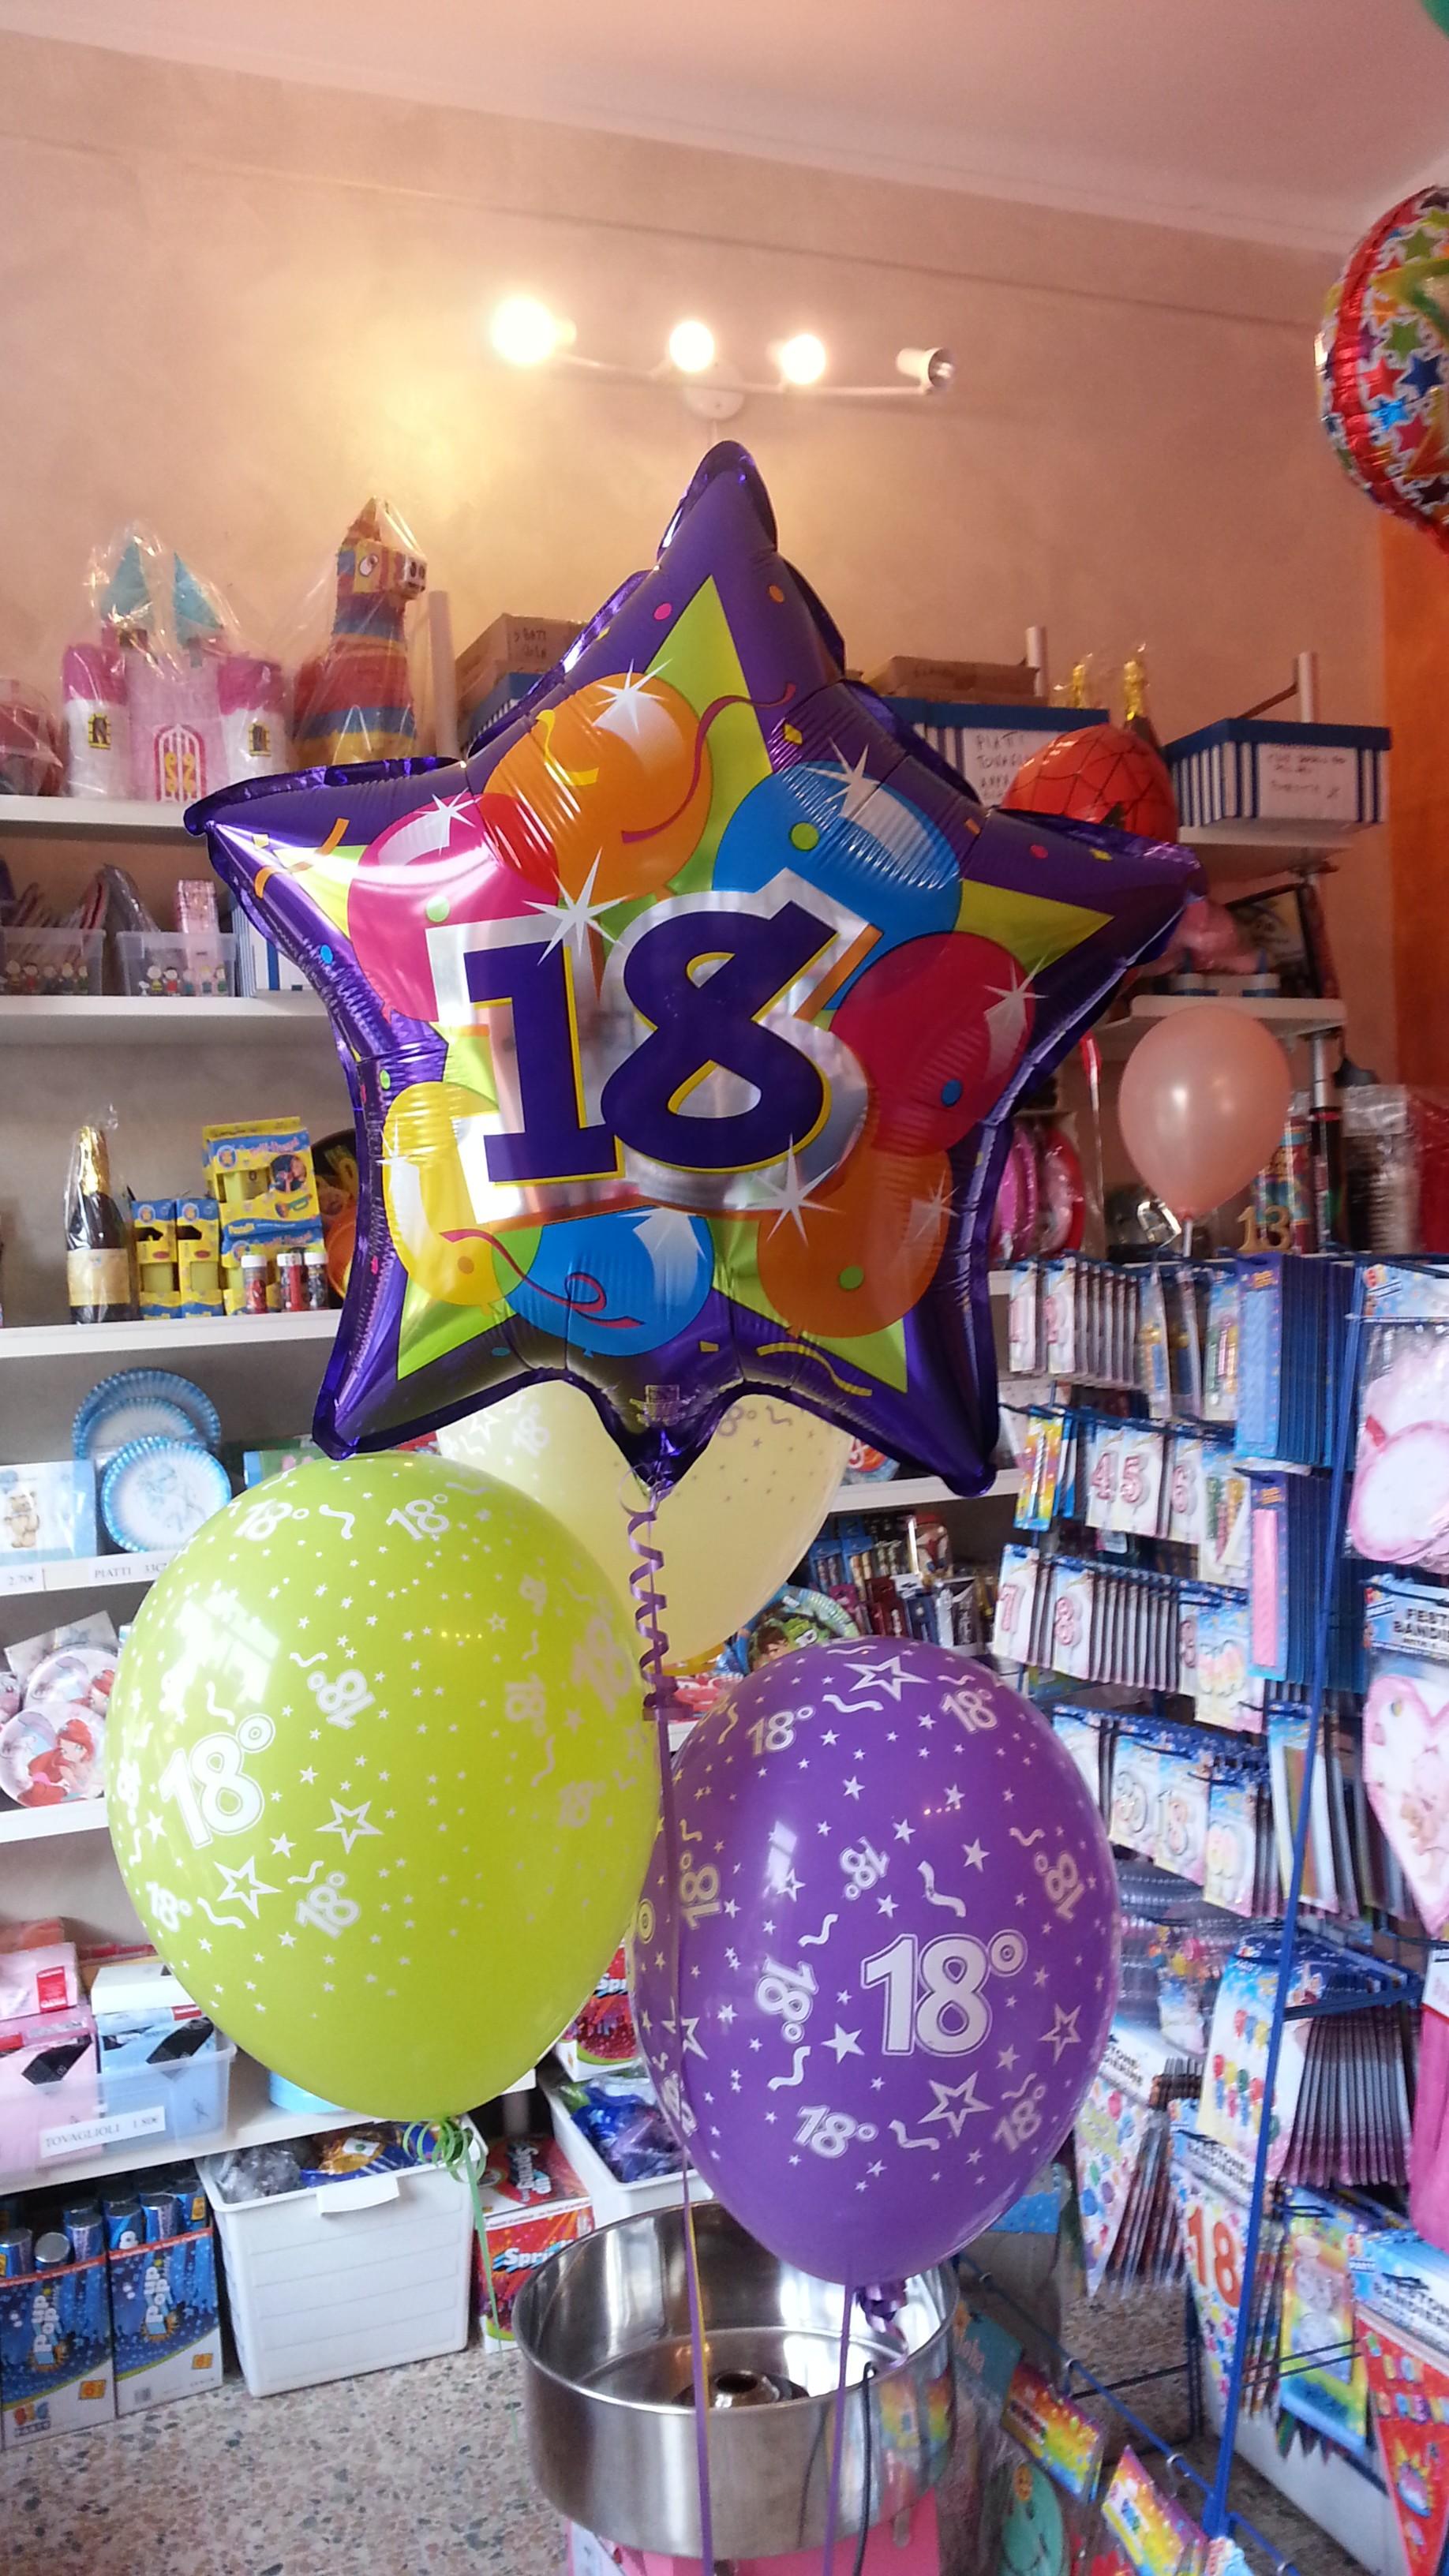 Allestimenti addobbo 18 anni composizione palloncini gadget occhiali 18 anni - Composizione palloncini da tavolo ...